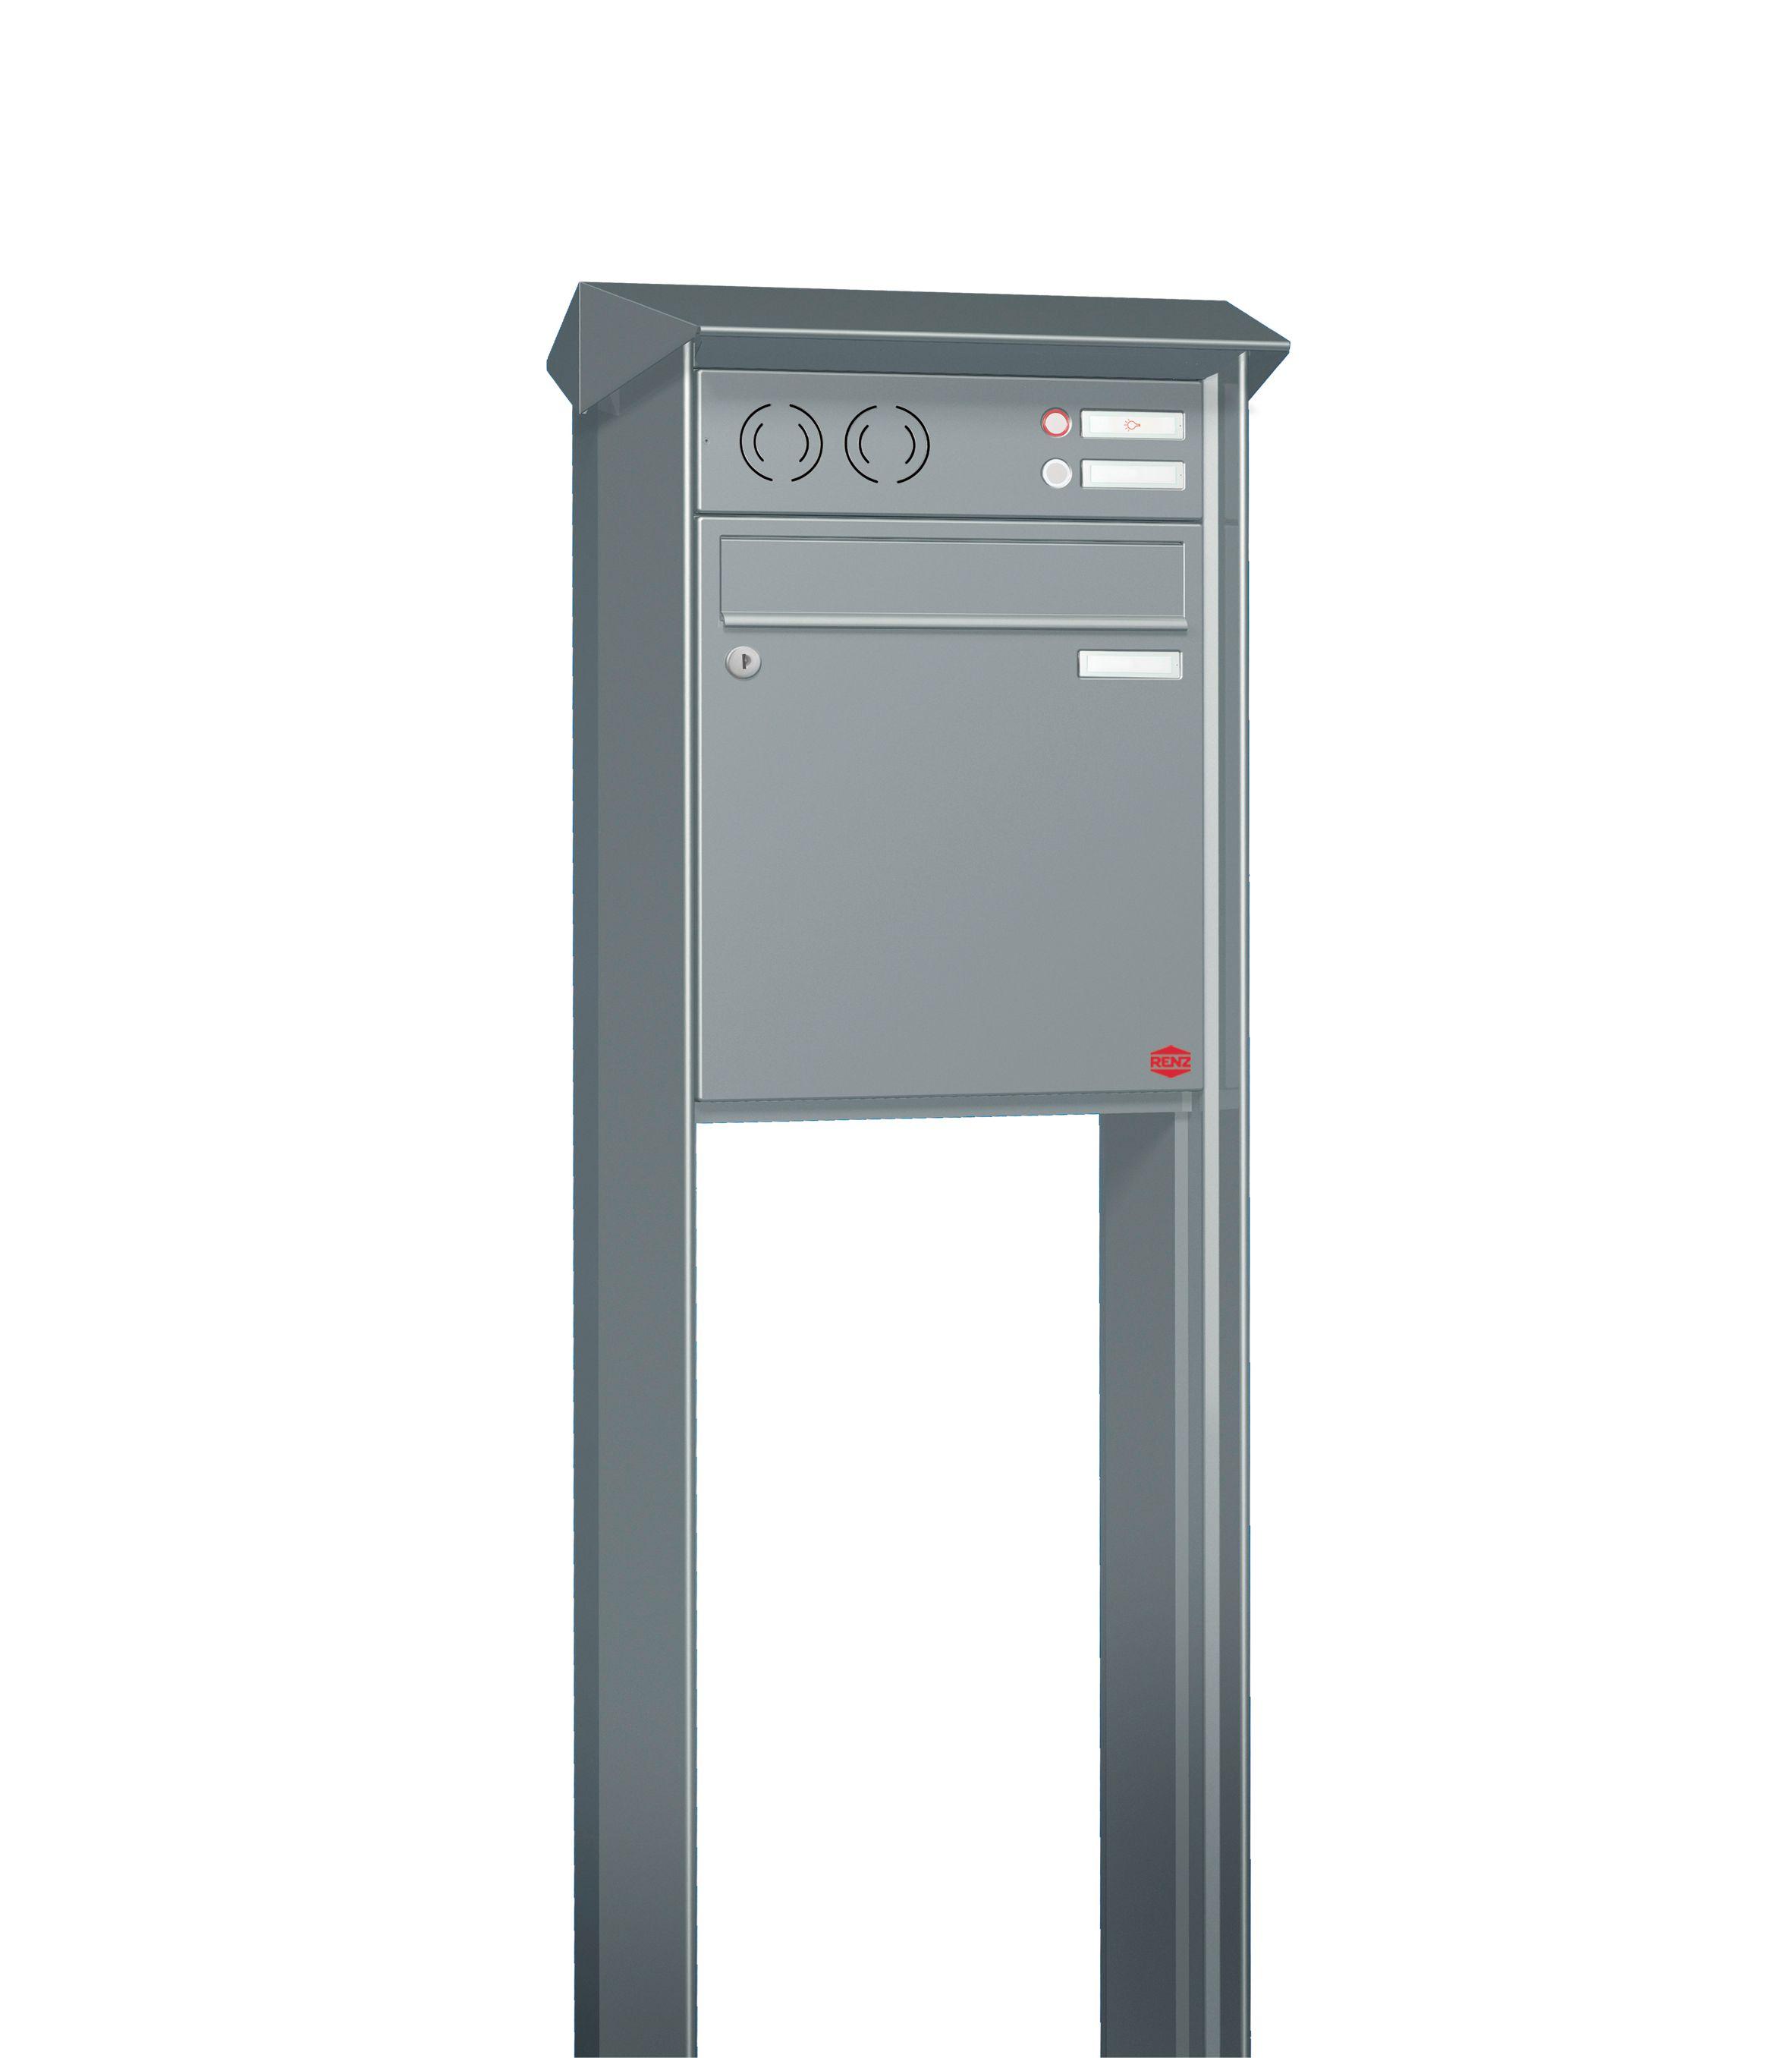 RENZ Briefkastenanlage freistehend, PRISMA, Kastenformat 370x330x100mm, mit  Klingel - & Lichttaster und Vorbereitung Gegensprechanlage 1-teilig, zum ...